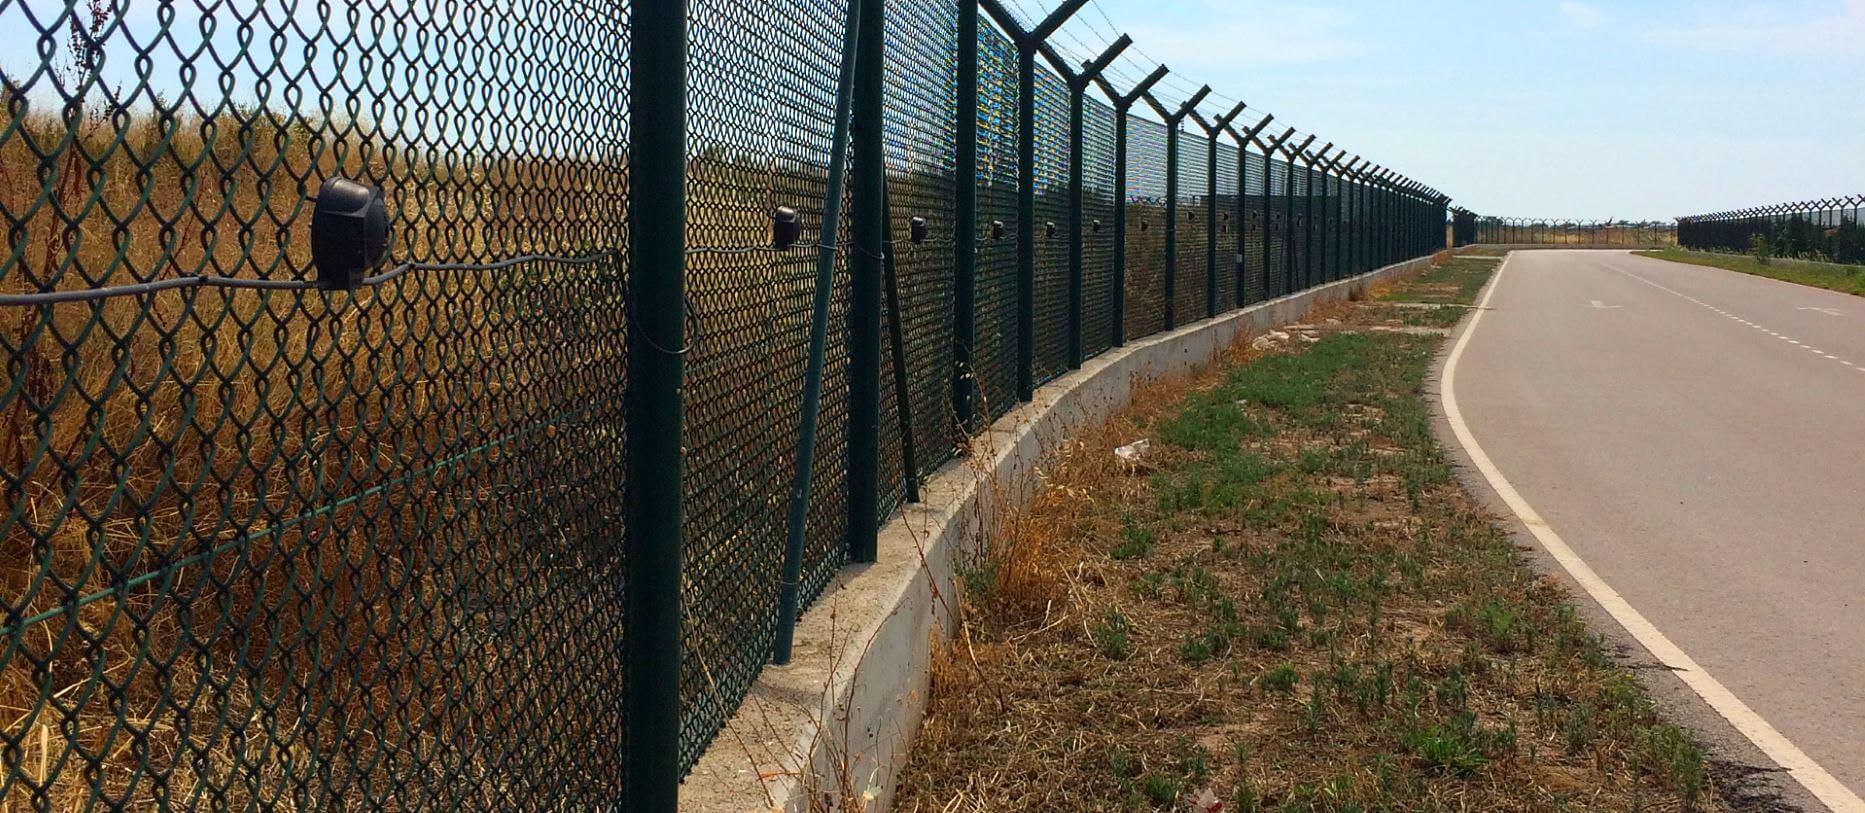 protezione-recinzione-ferrovia